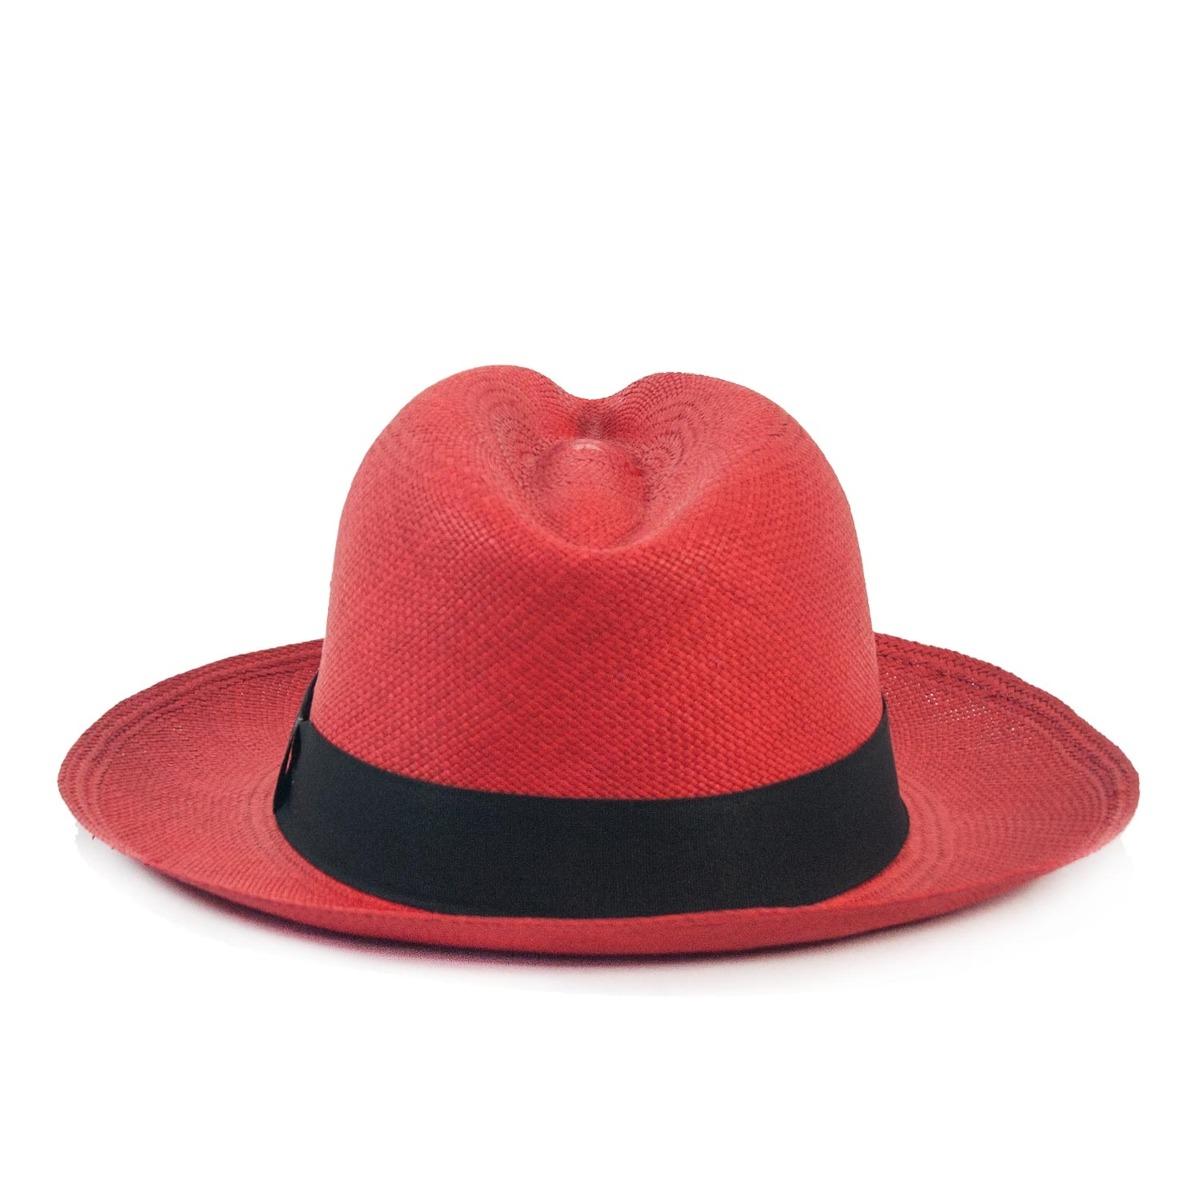 chapéu panamá original montecristi toquilla vermelho. Carregando zoom. deeb9392e9f